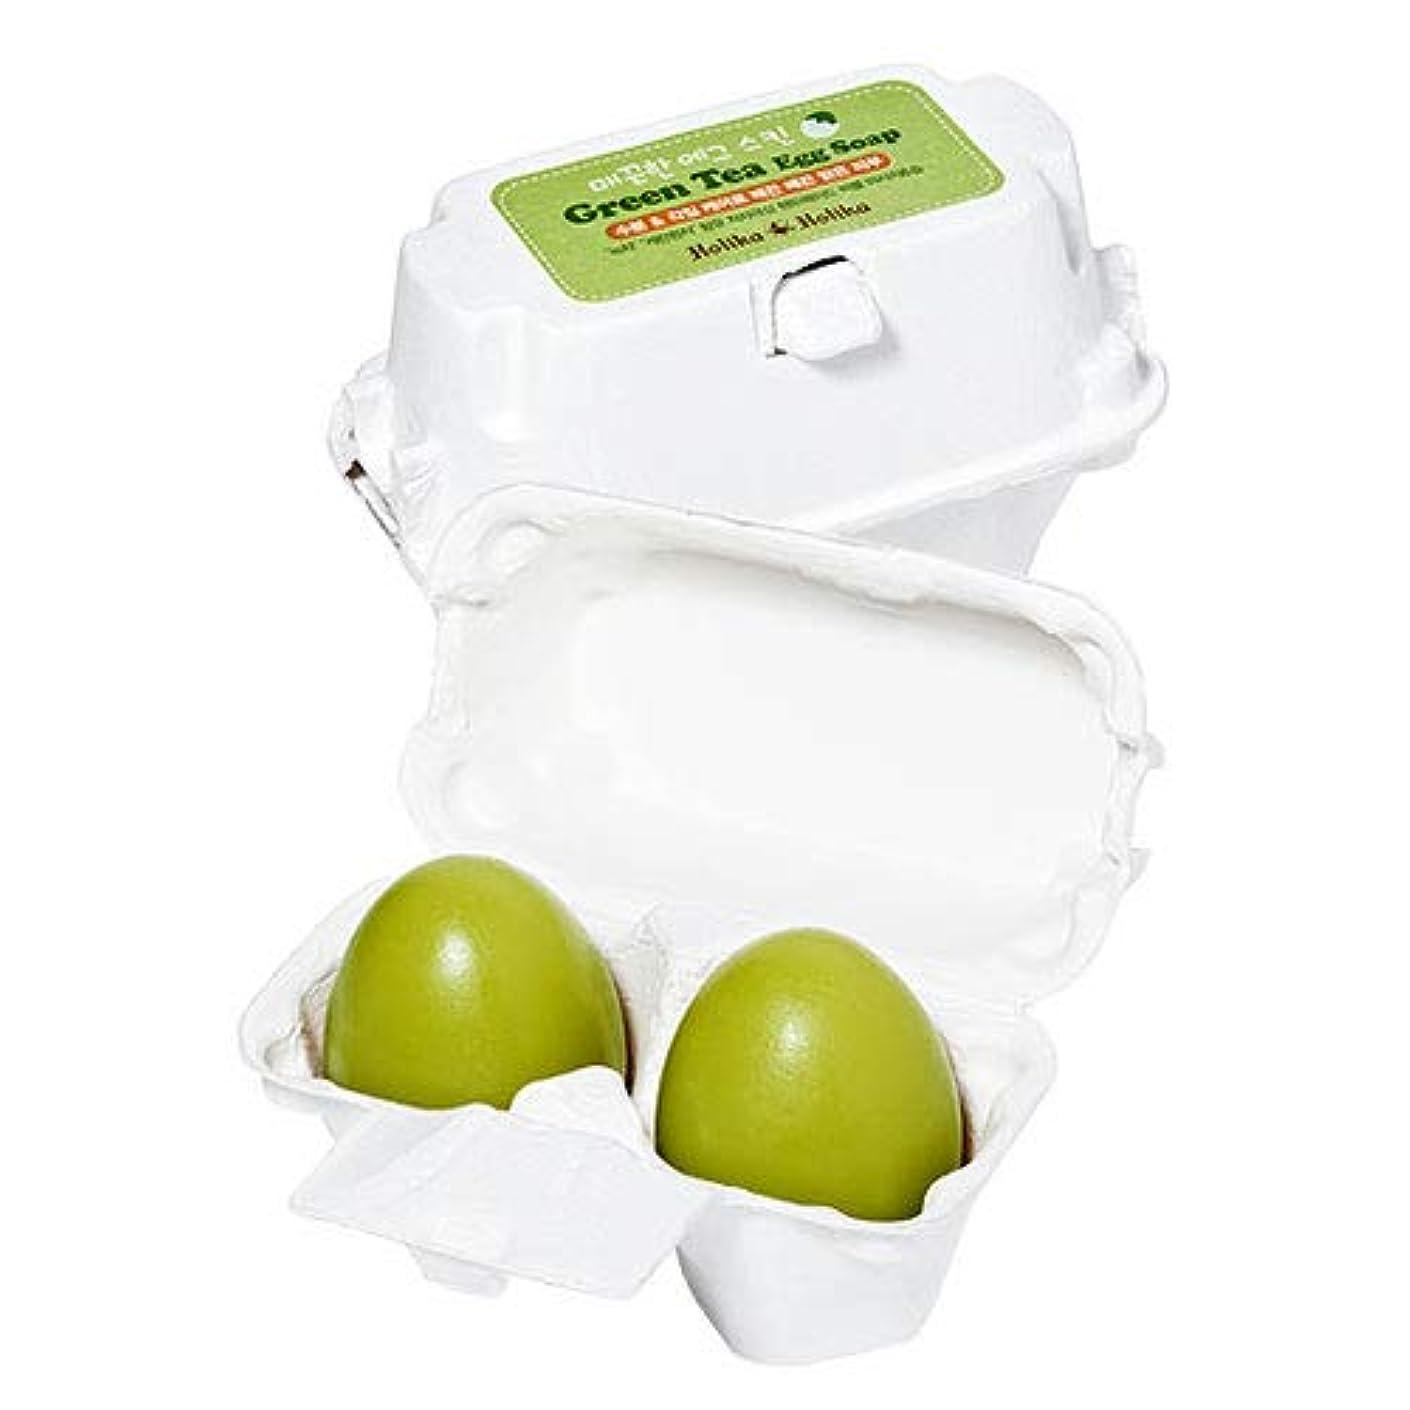 説得ぺディカブピボット[緑茶/Green Tea] Holika Holika Egg Skin Egg Soap ホリカホリカ エッグスキン エッグソープ (50g*2個) [並行輸入品]